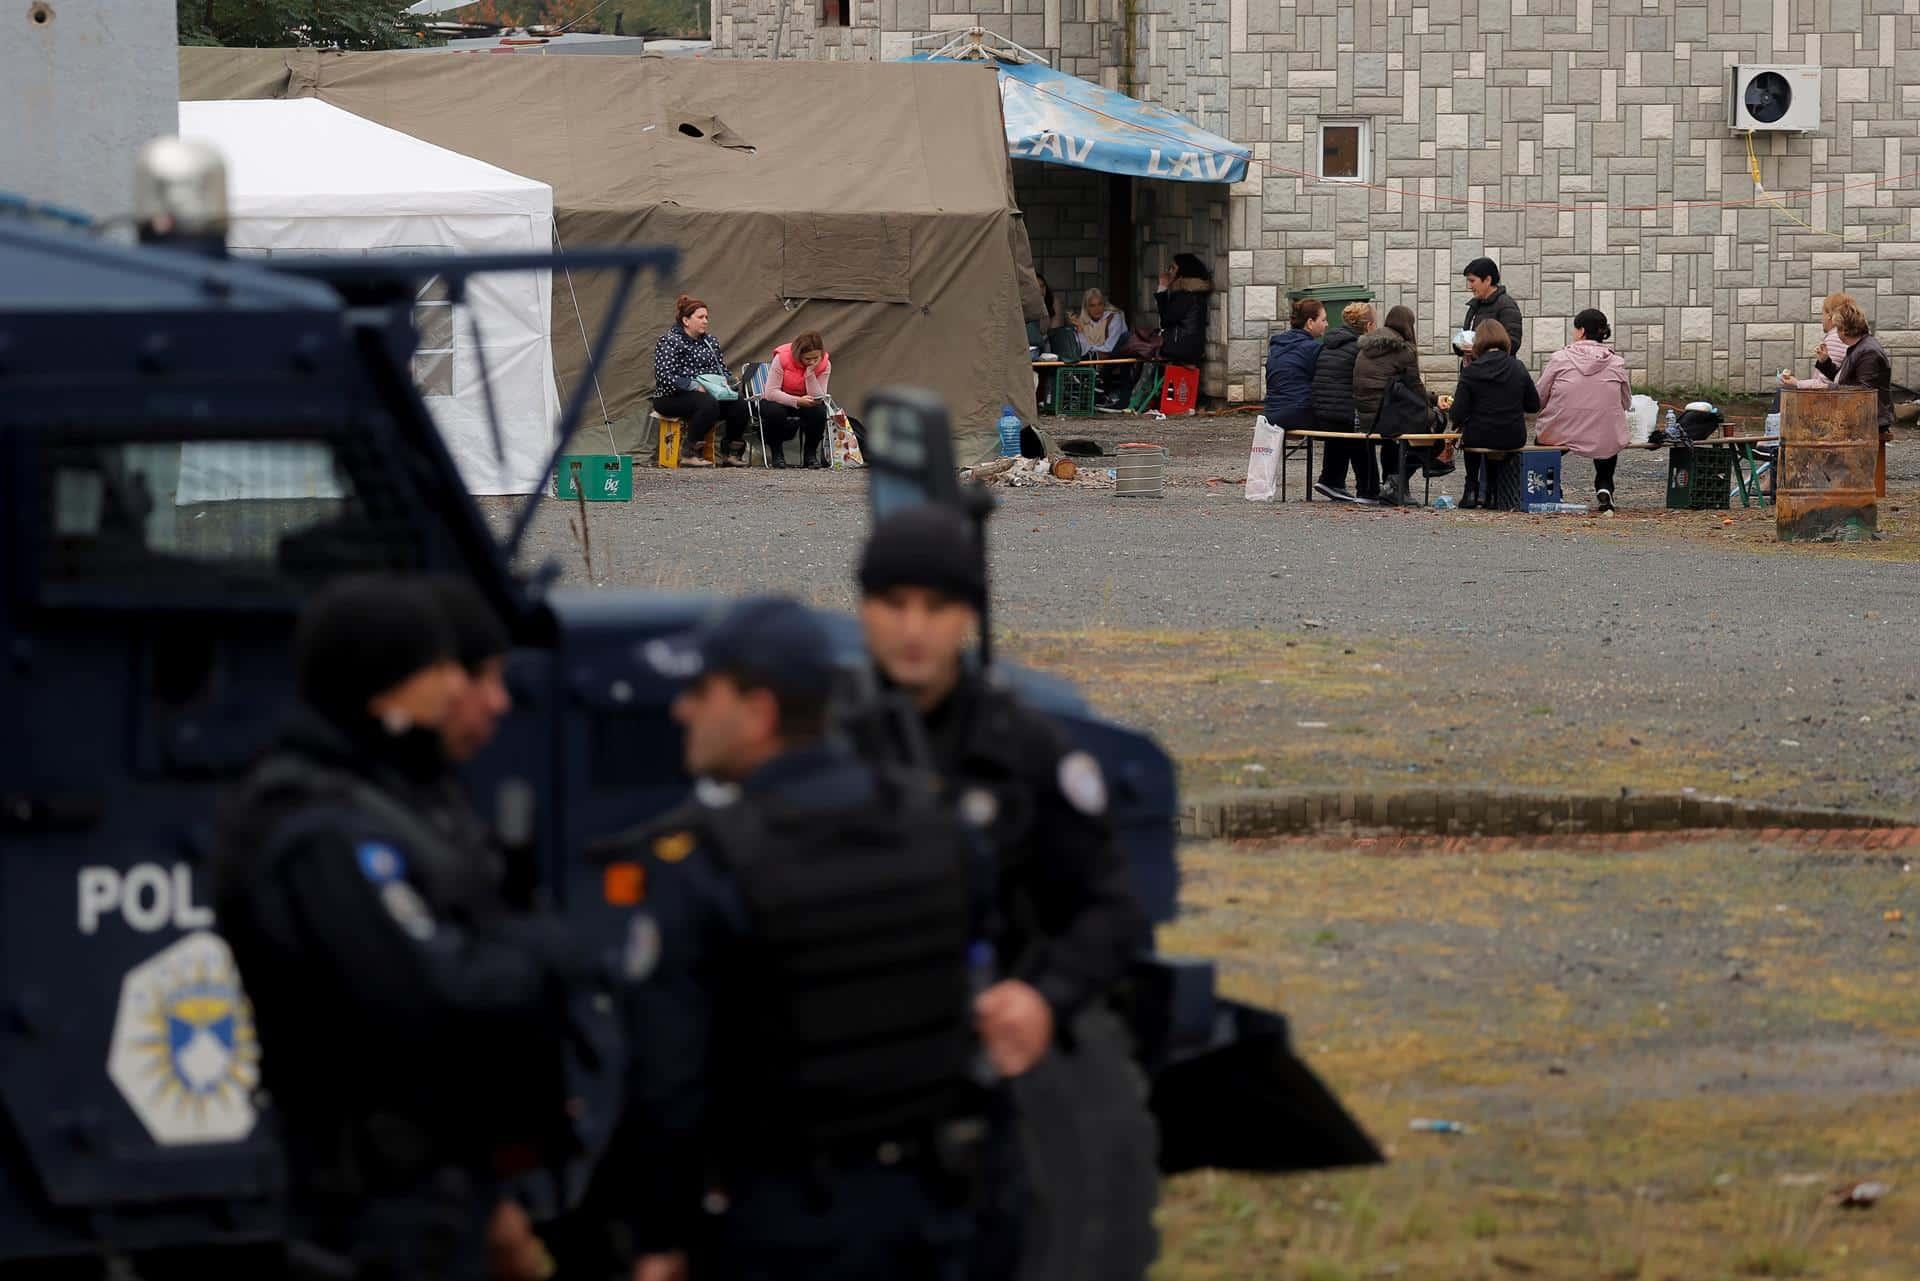 Los serbios del norte de Kosovo han organizado campamentos en los pasos fronterizos para protestar por la nueva regulación sobre las matrículas.